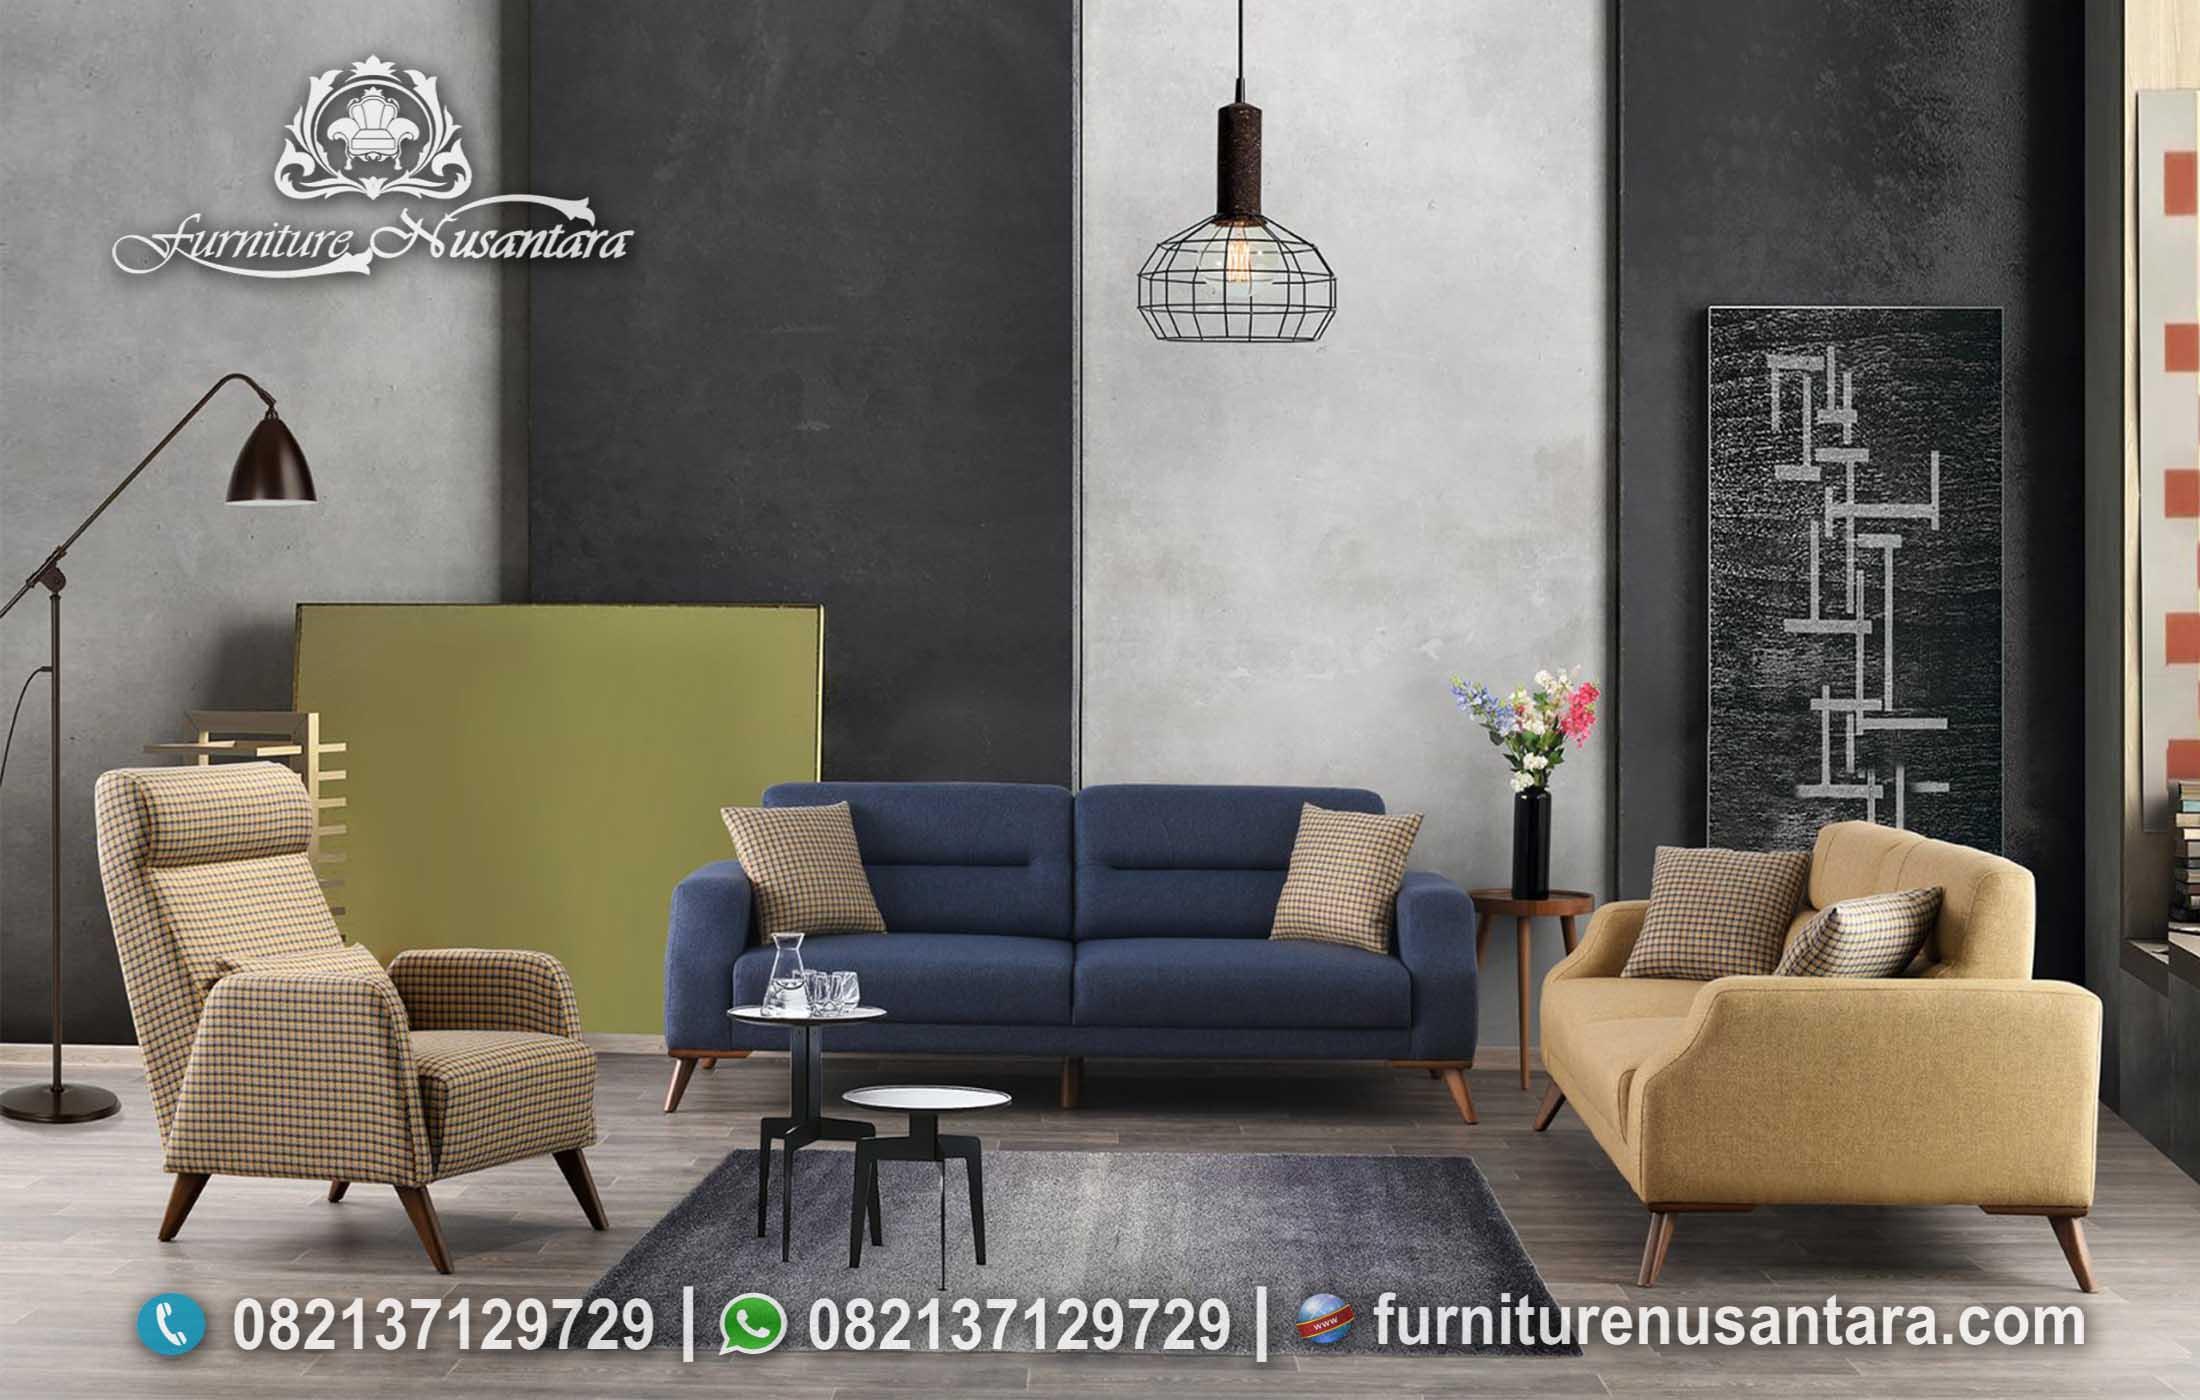 Inspirasi Sofa Tamu Ruang Tamu Mini ST-109, Furniture Nusantara